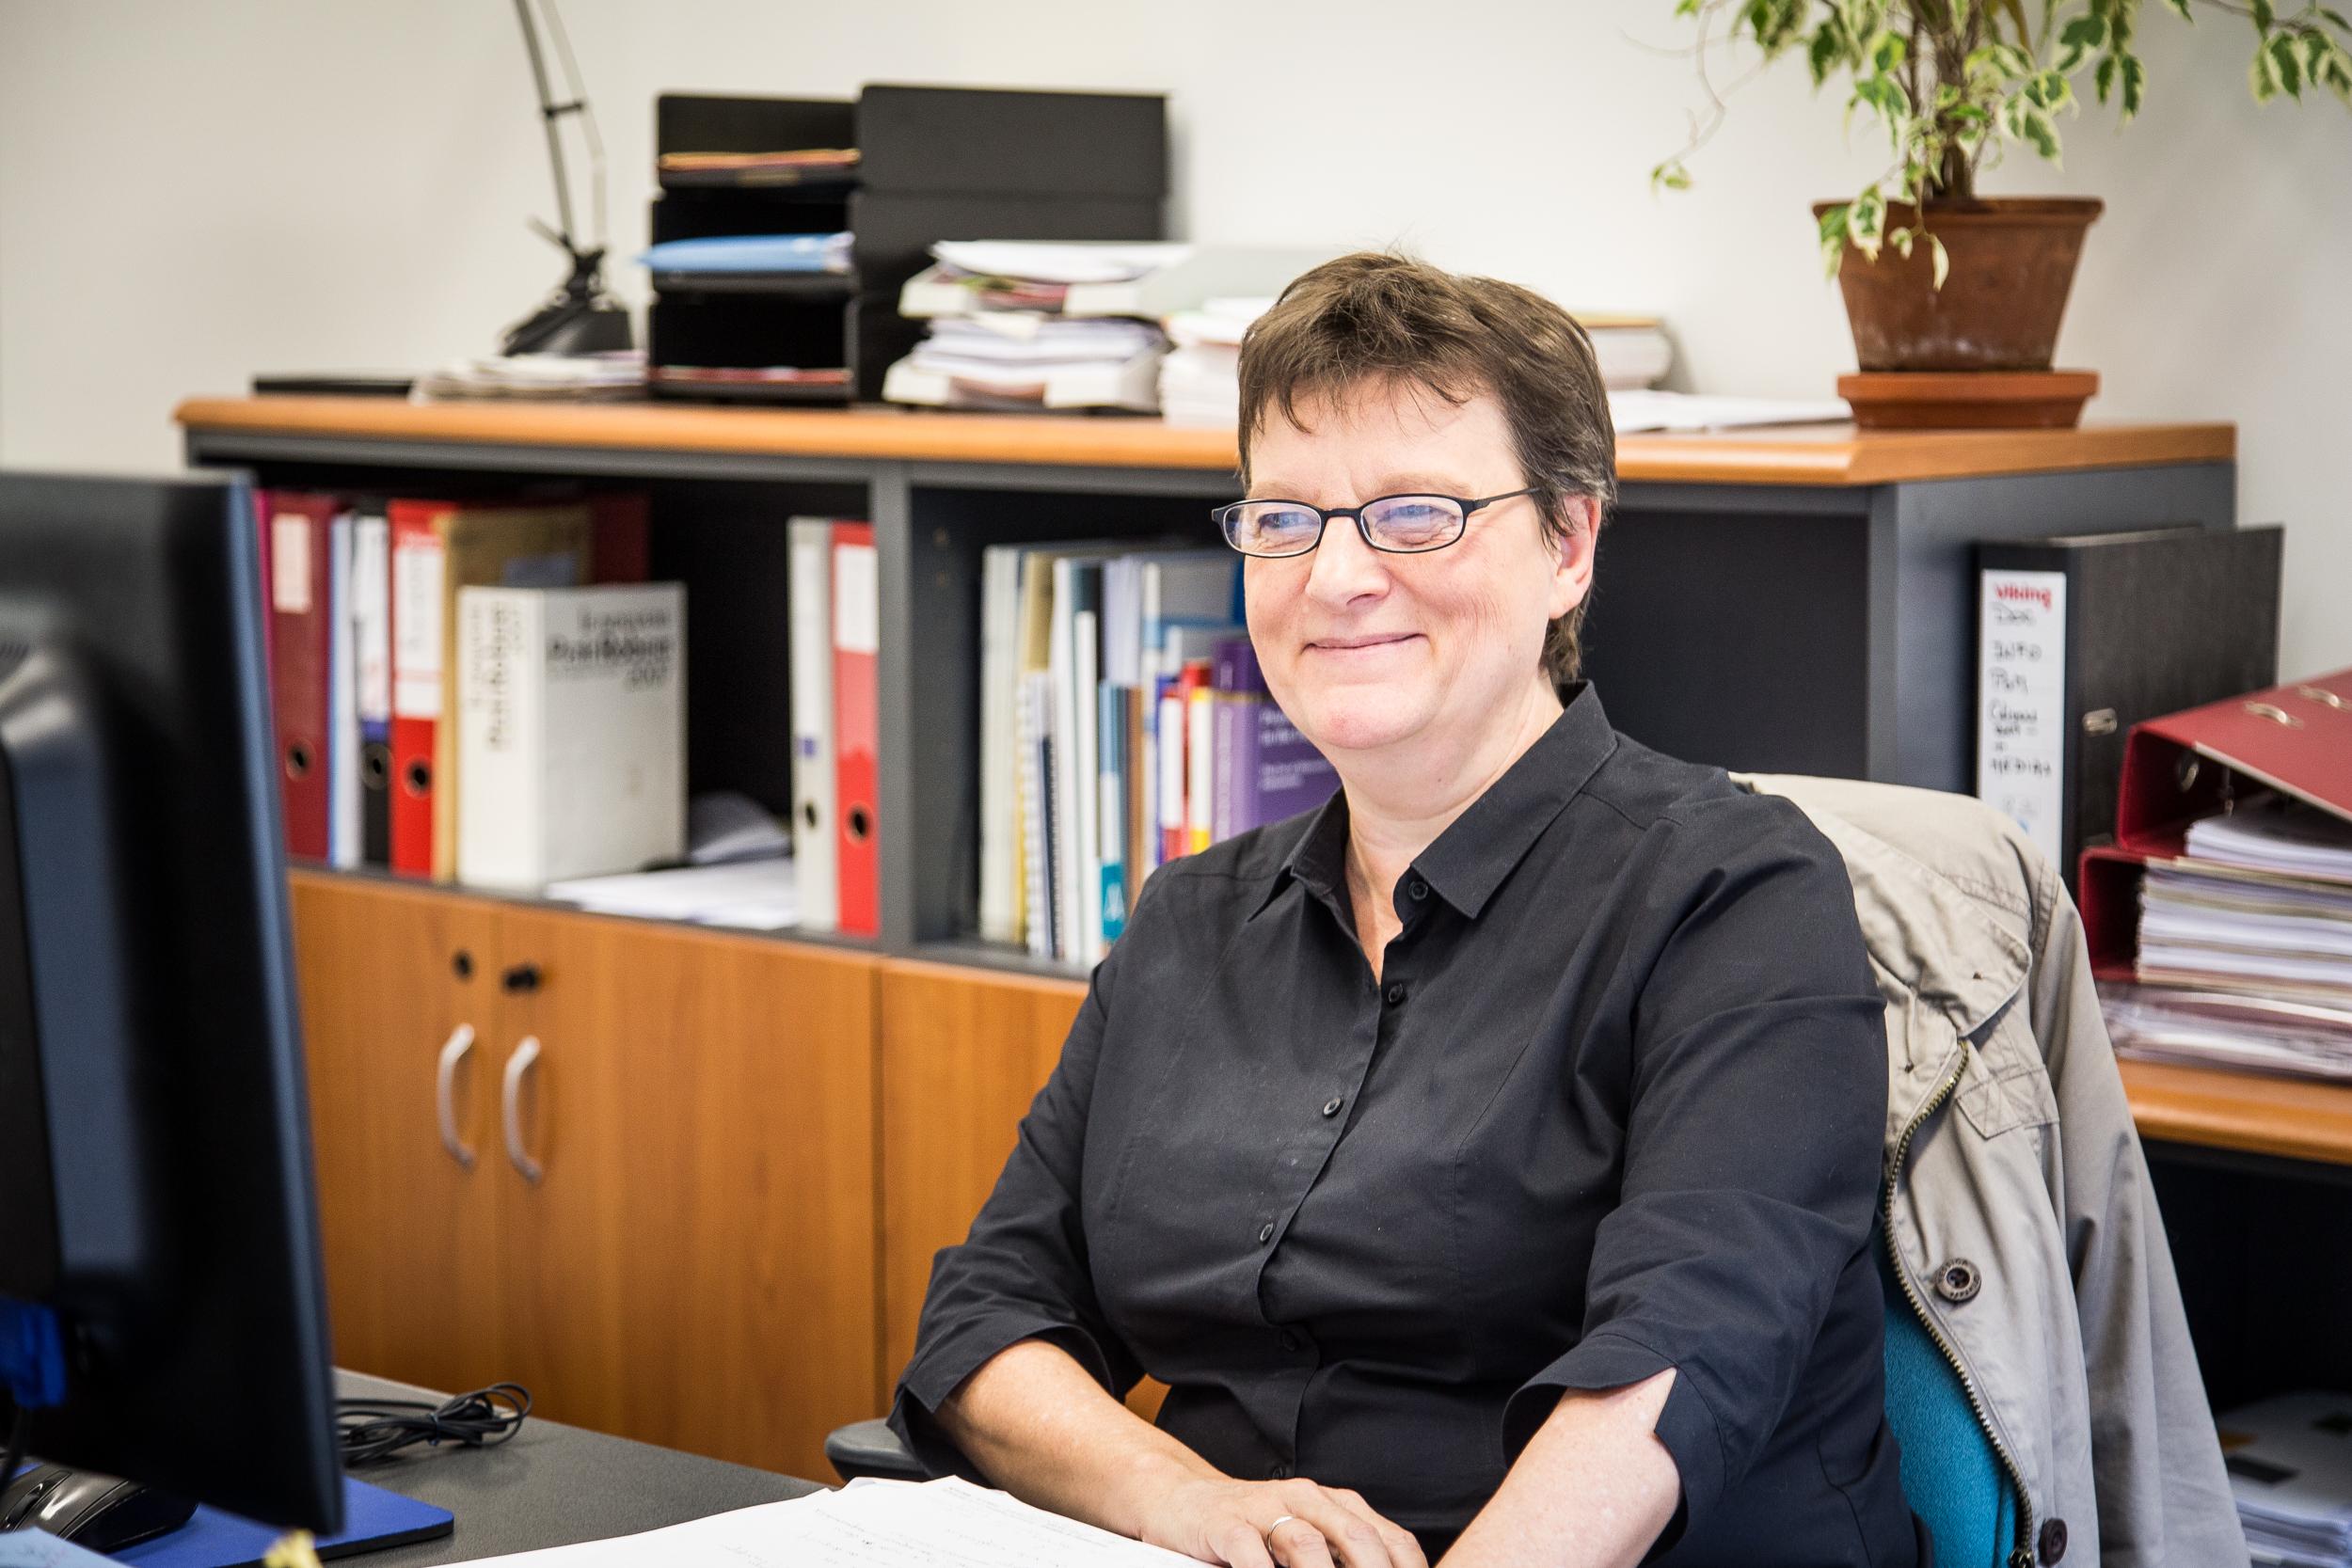 Geneviève Thiry